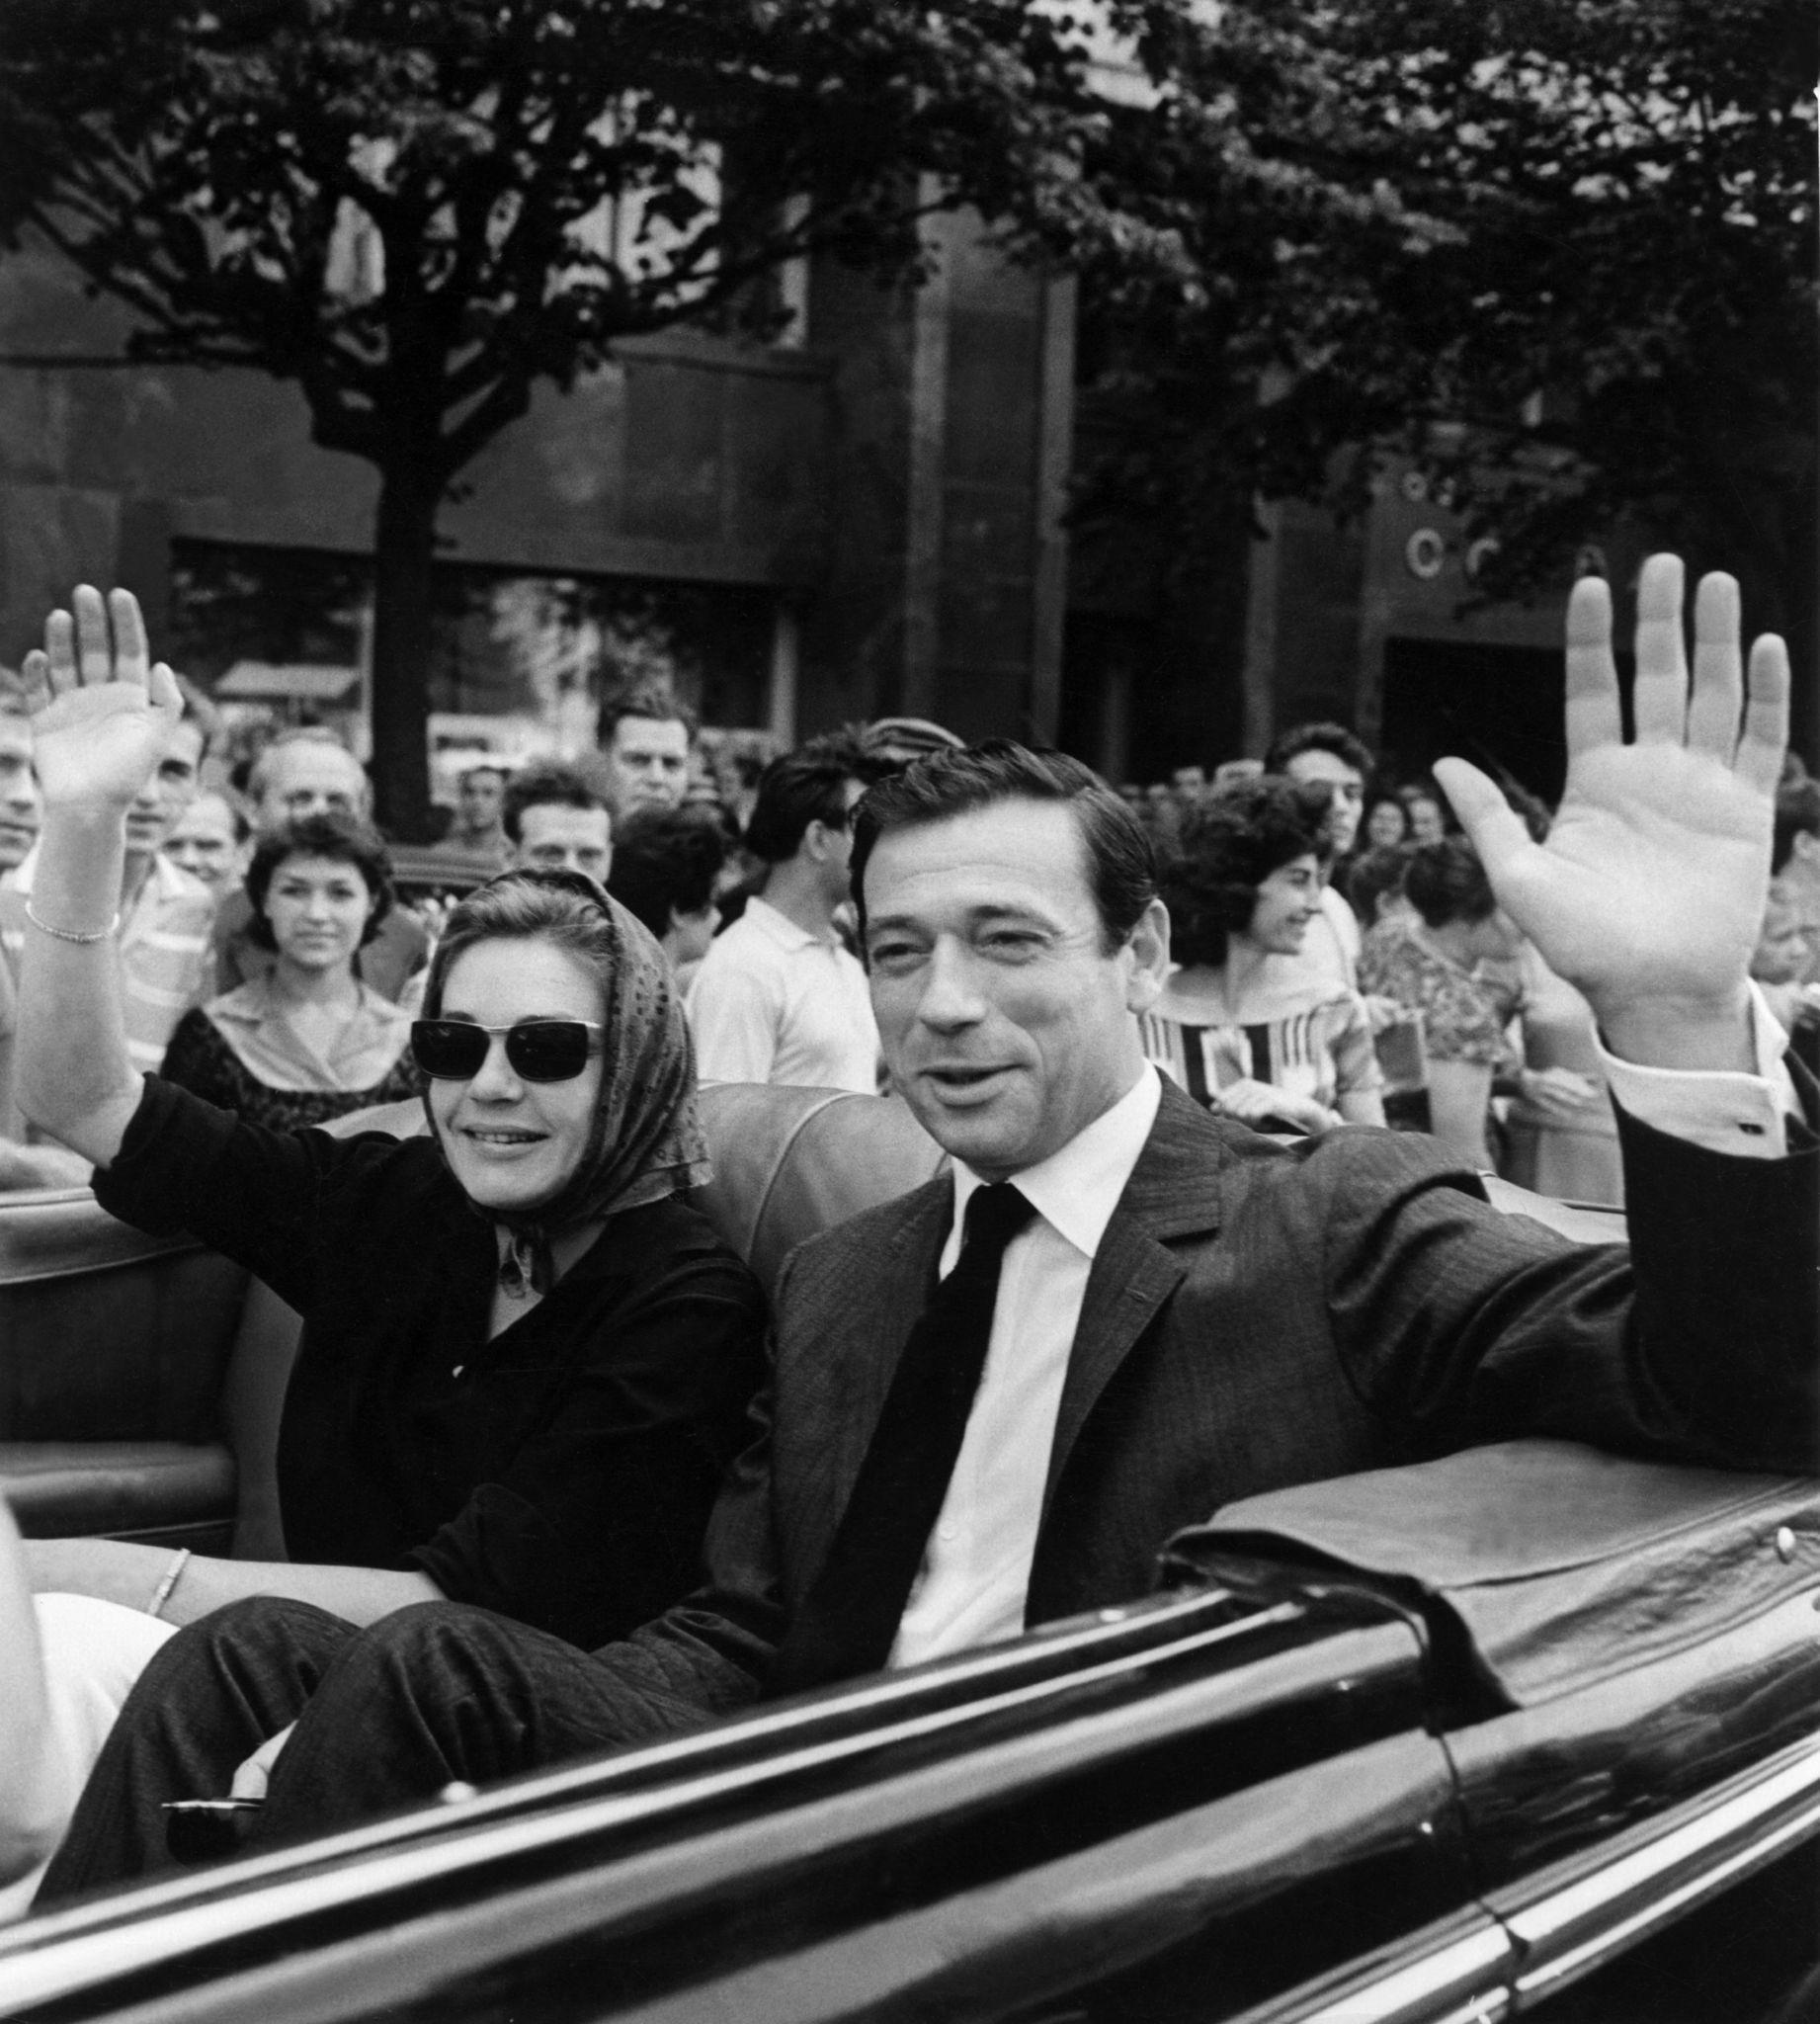 1963. Французские актеры Ив Монтан и Симон Синьорет приветствуют толпу на Международном кинофестивале в Москве.jpg